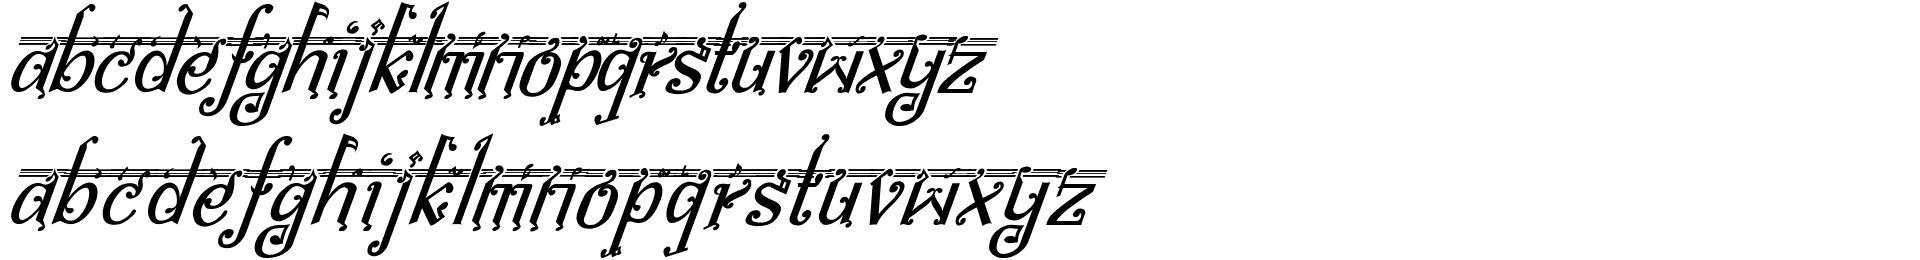 bitling Sravi Italic